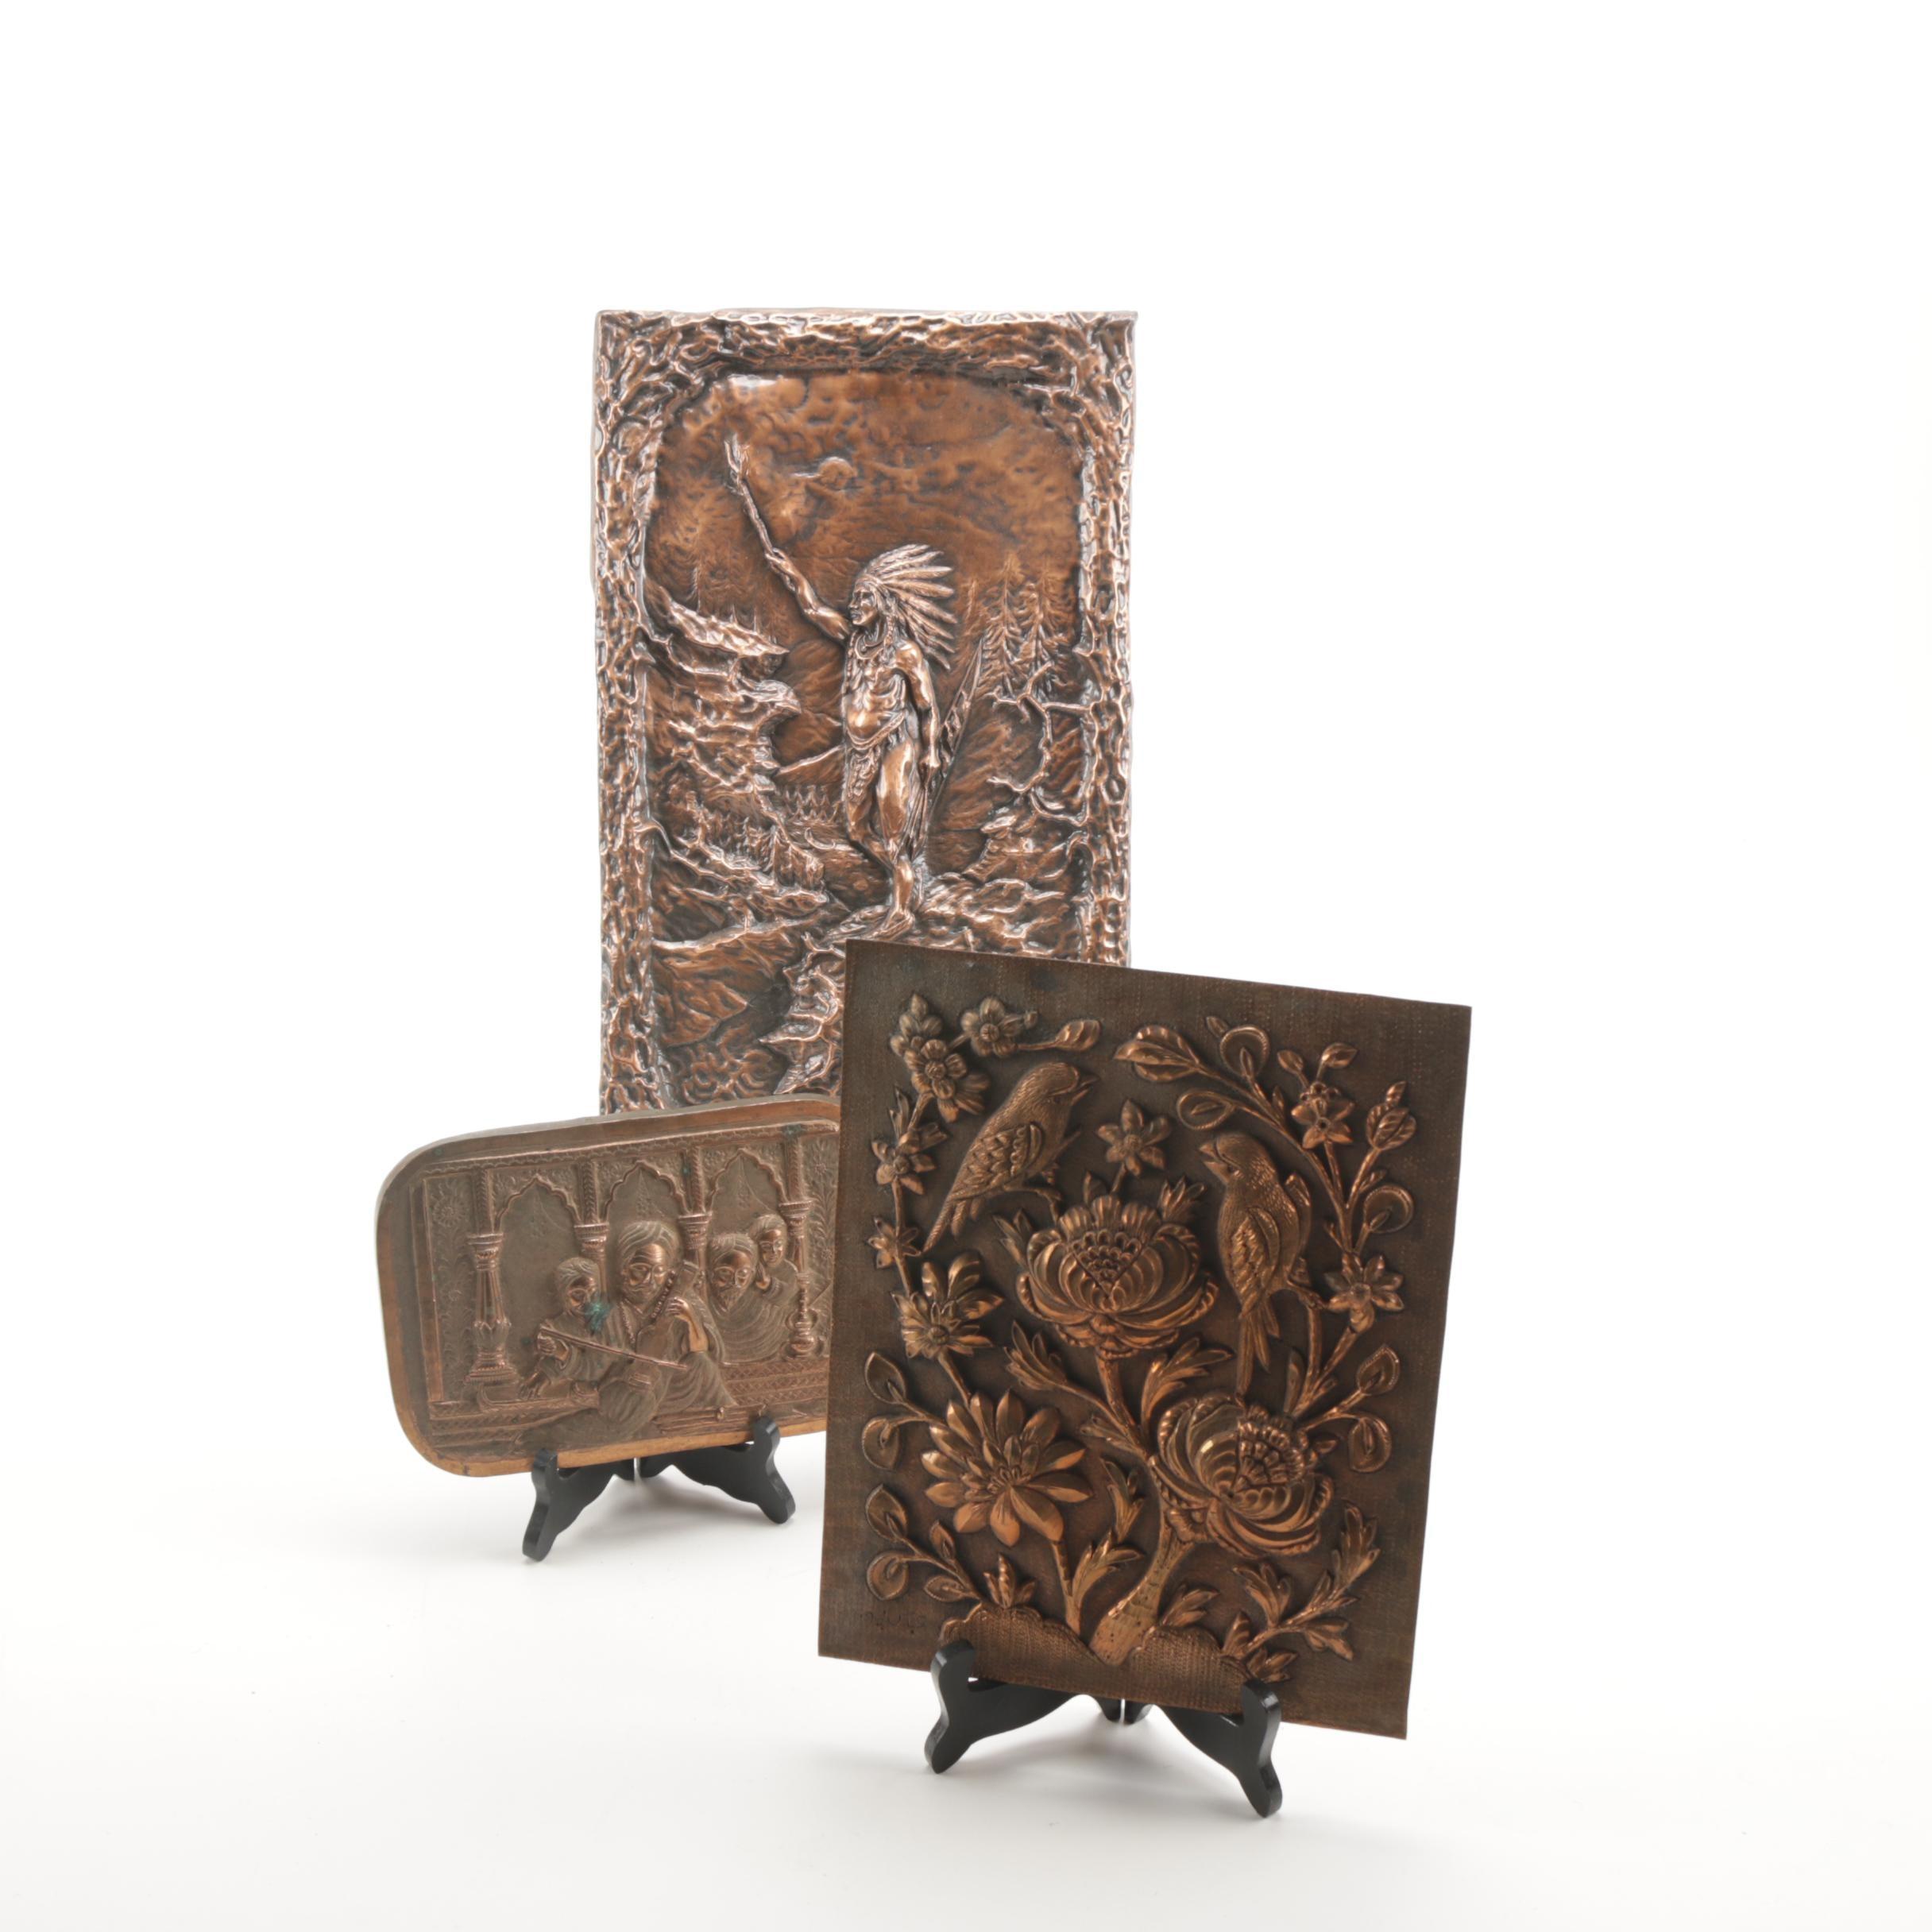 Repoussé Copper Panels